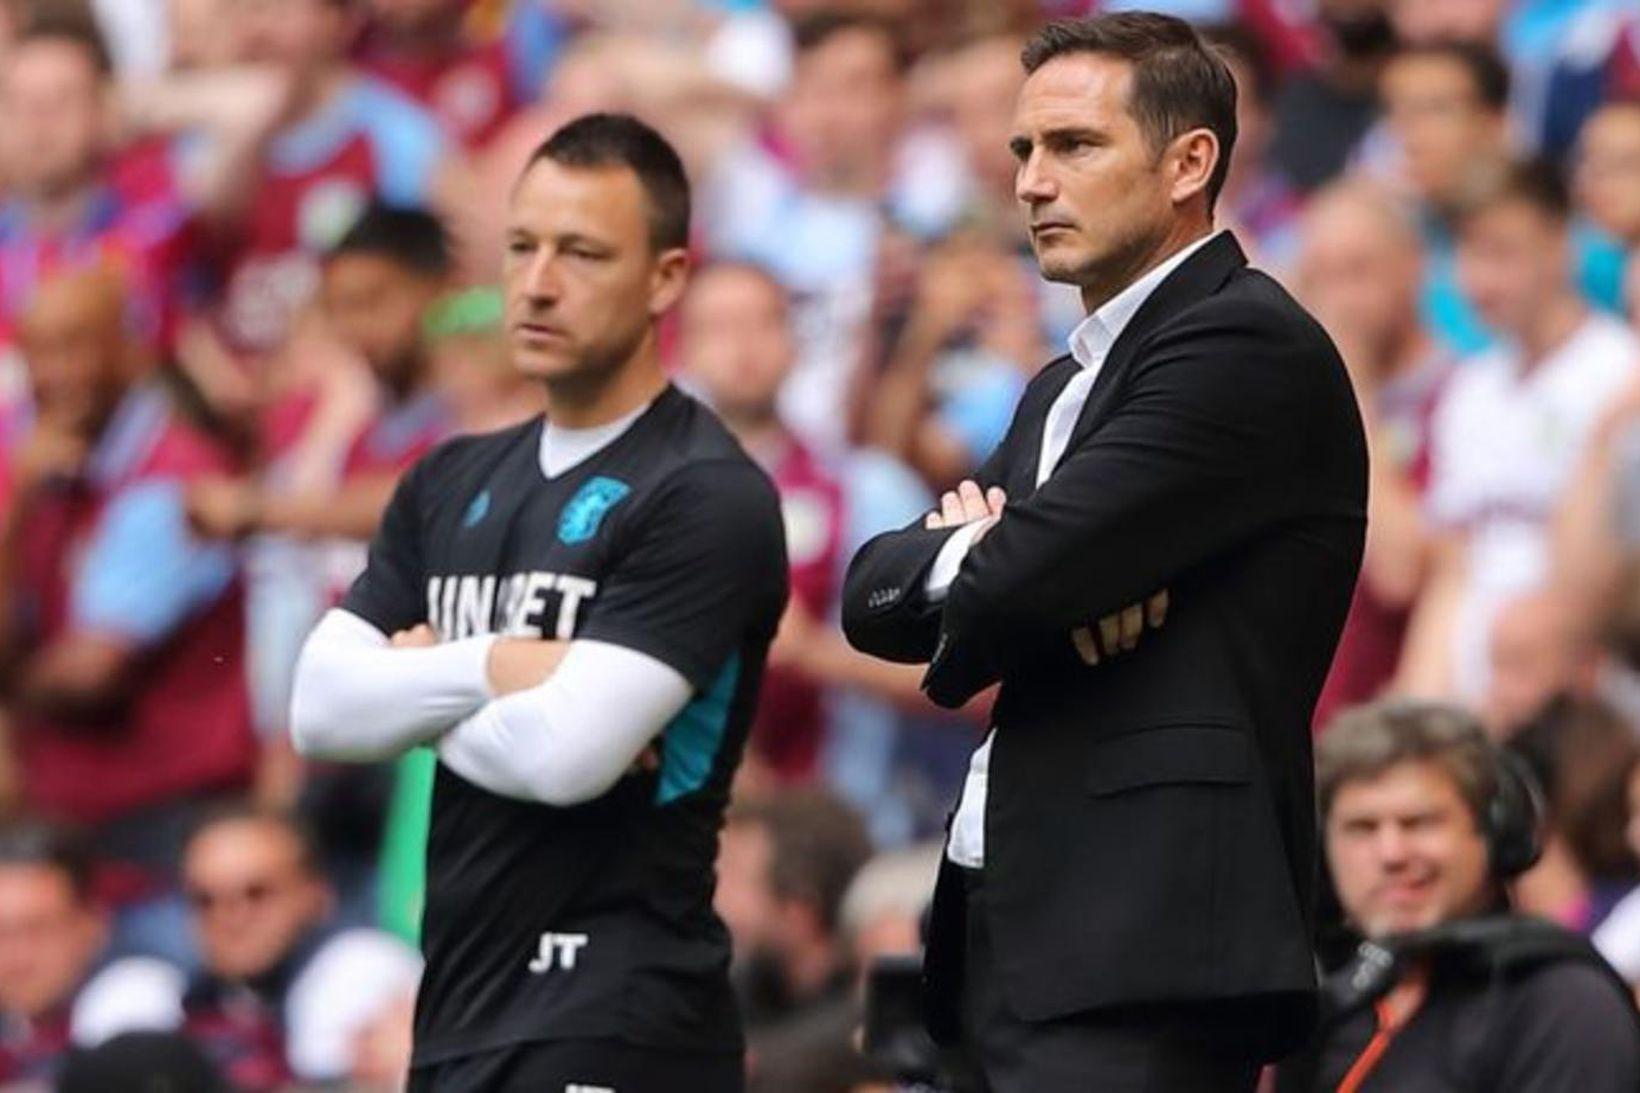 Terry og Lampard mættust í úrslitum umspilsins í B-deildinni á …